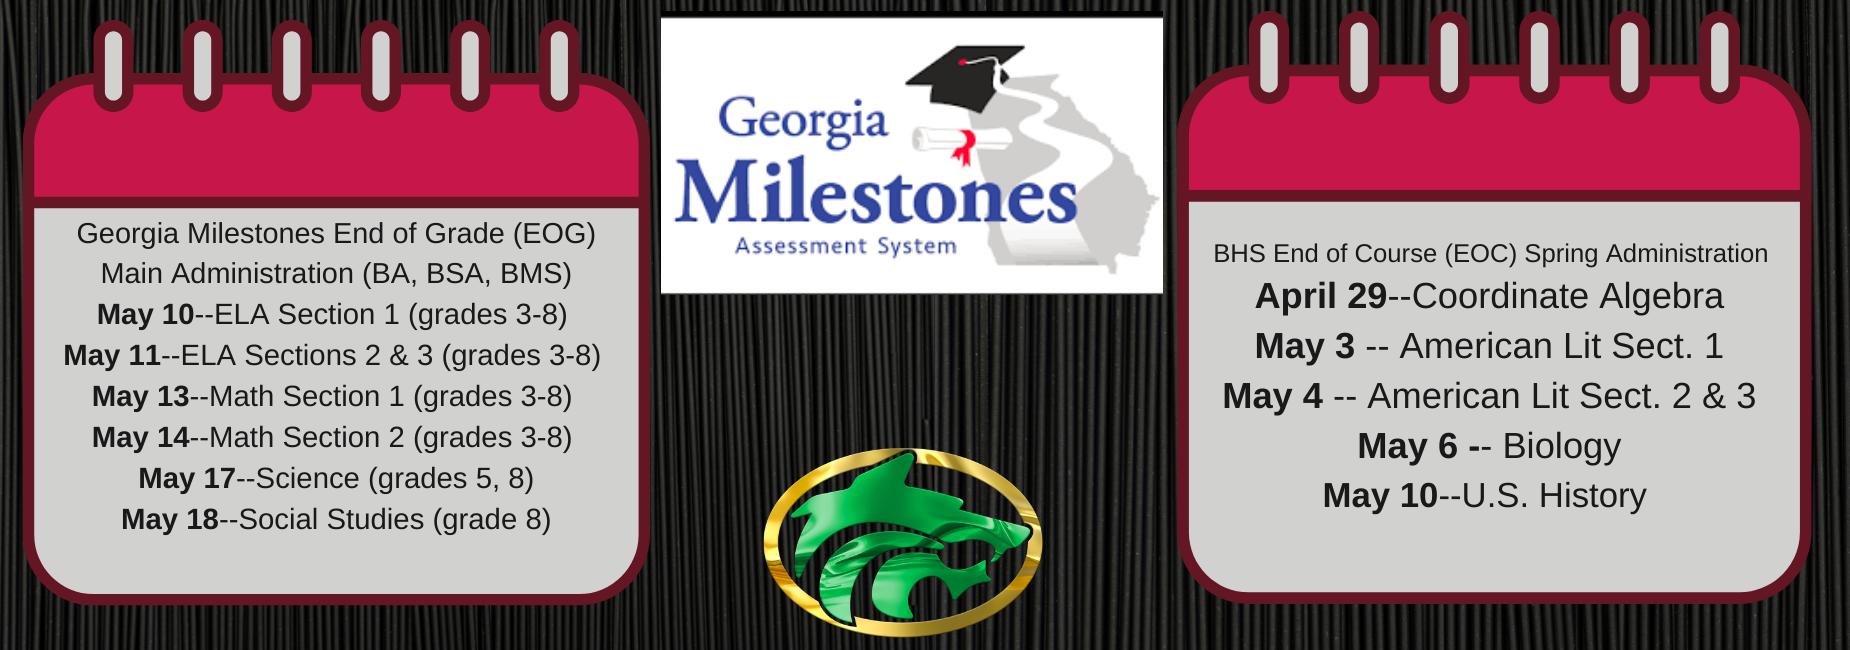 Milestones Testing Dates